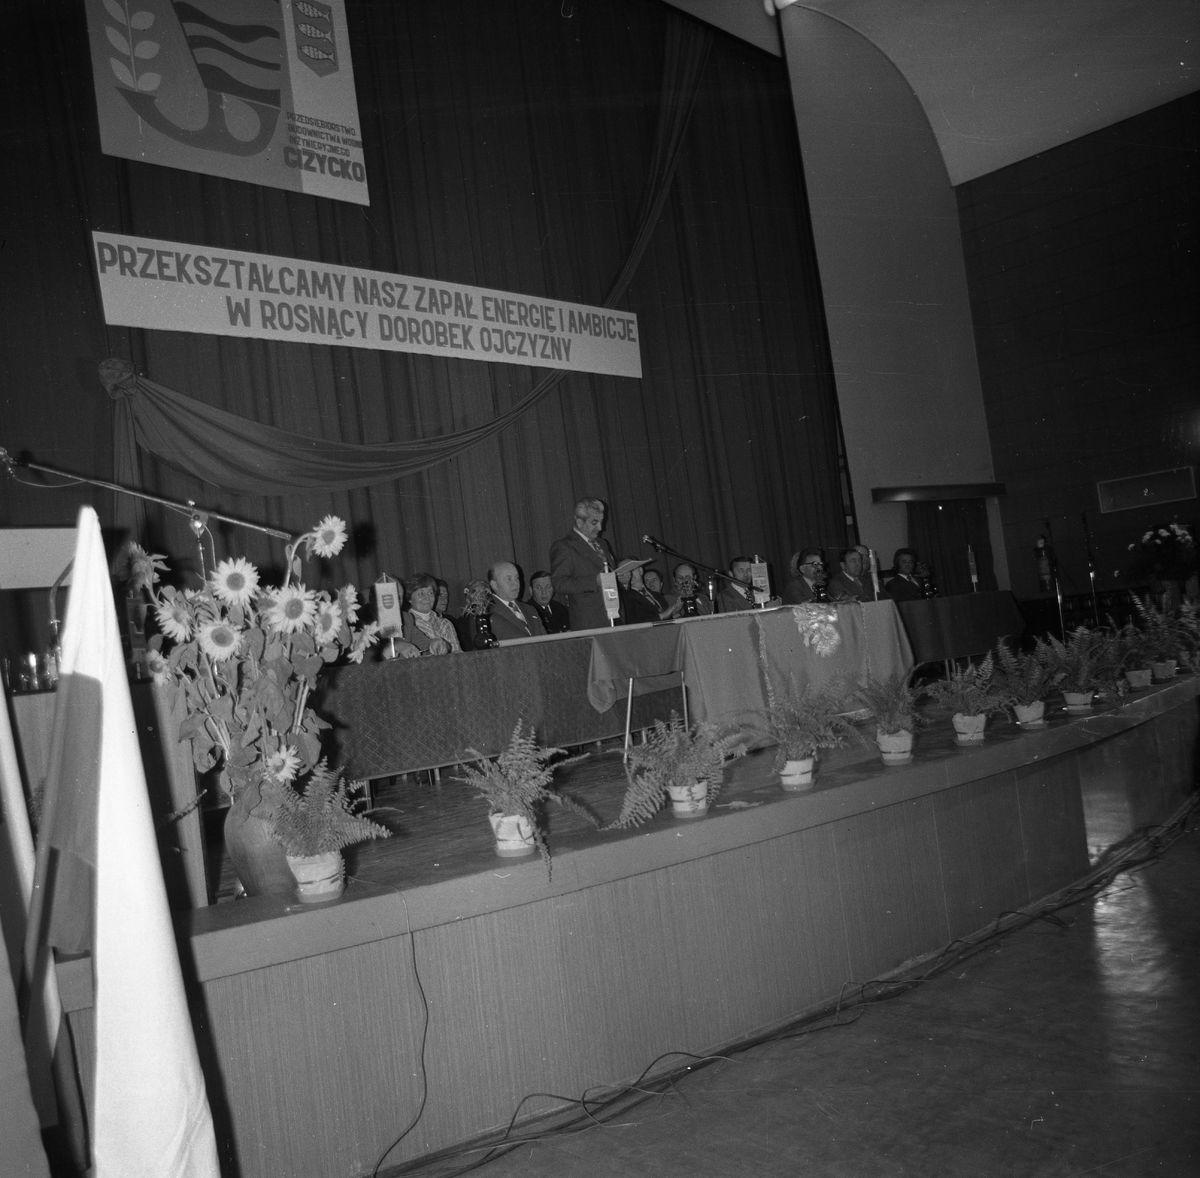 Wręczenie sztandaru Przedsiębiorstwu Budownictwa Wodno-Inżynieryjnego, 1972 r. [4]